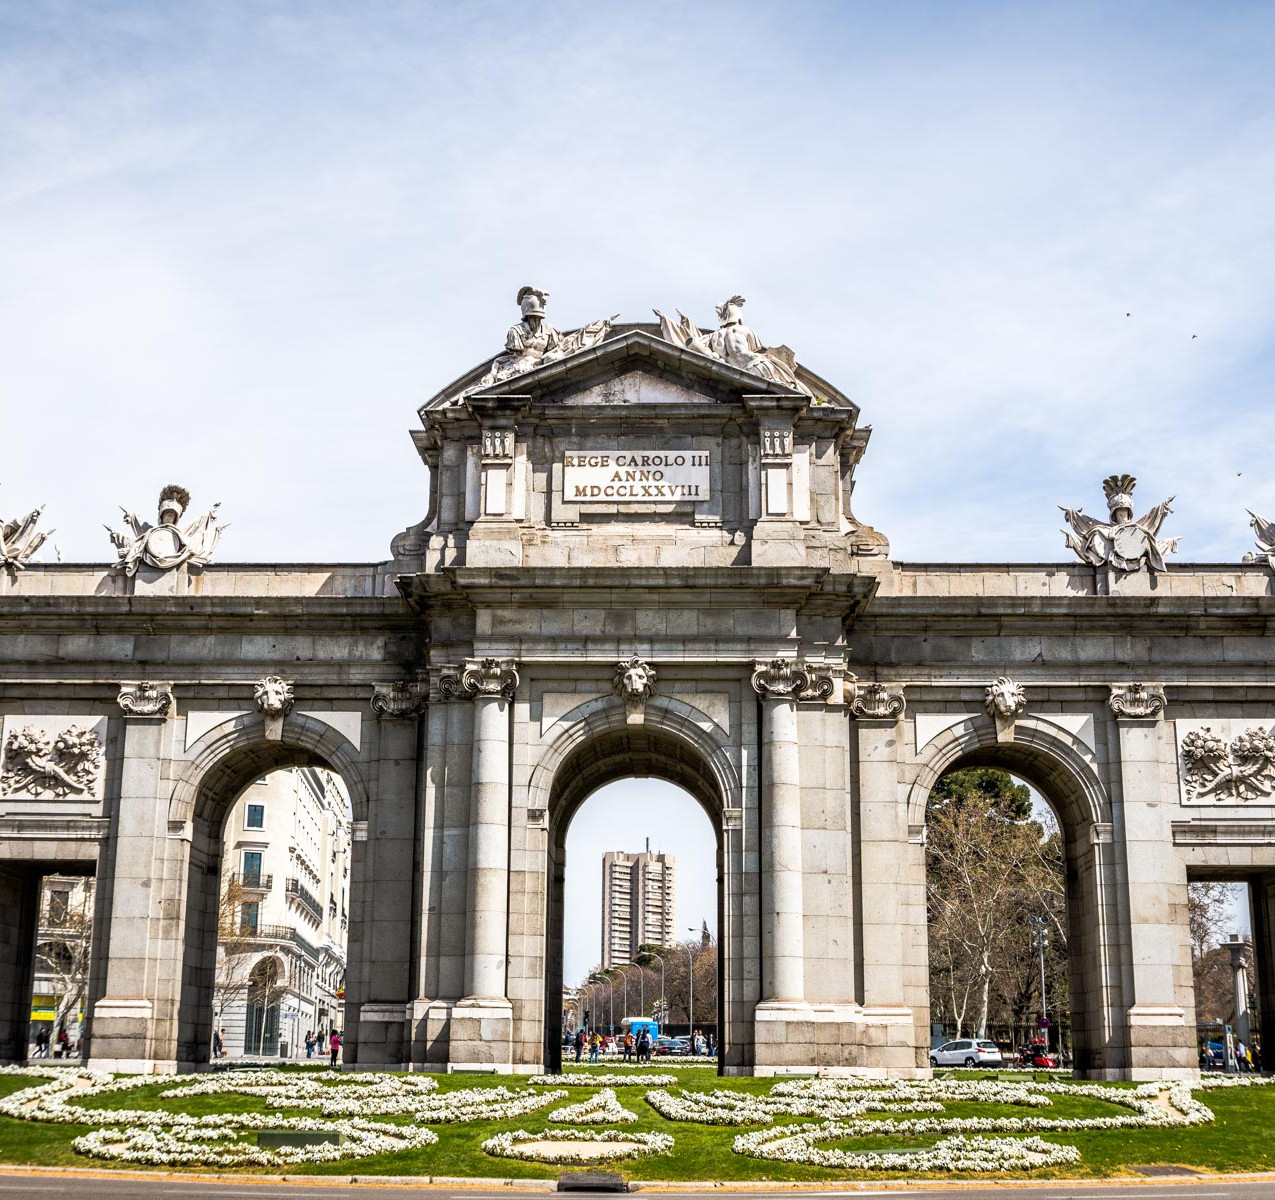 Puerta de Alcalà Madrid